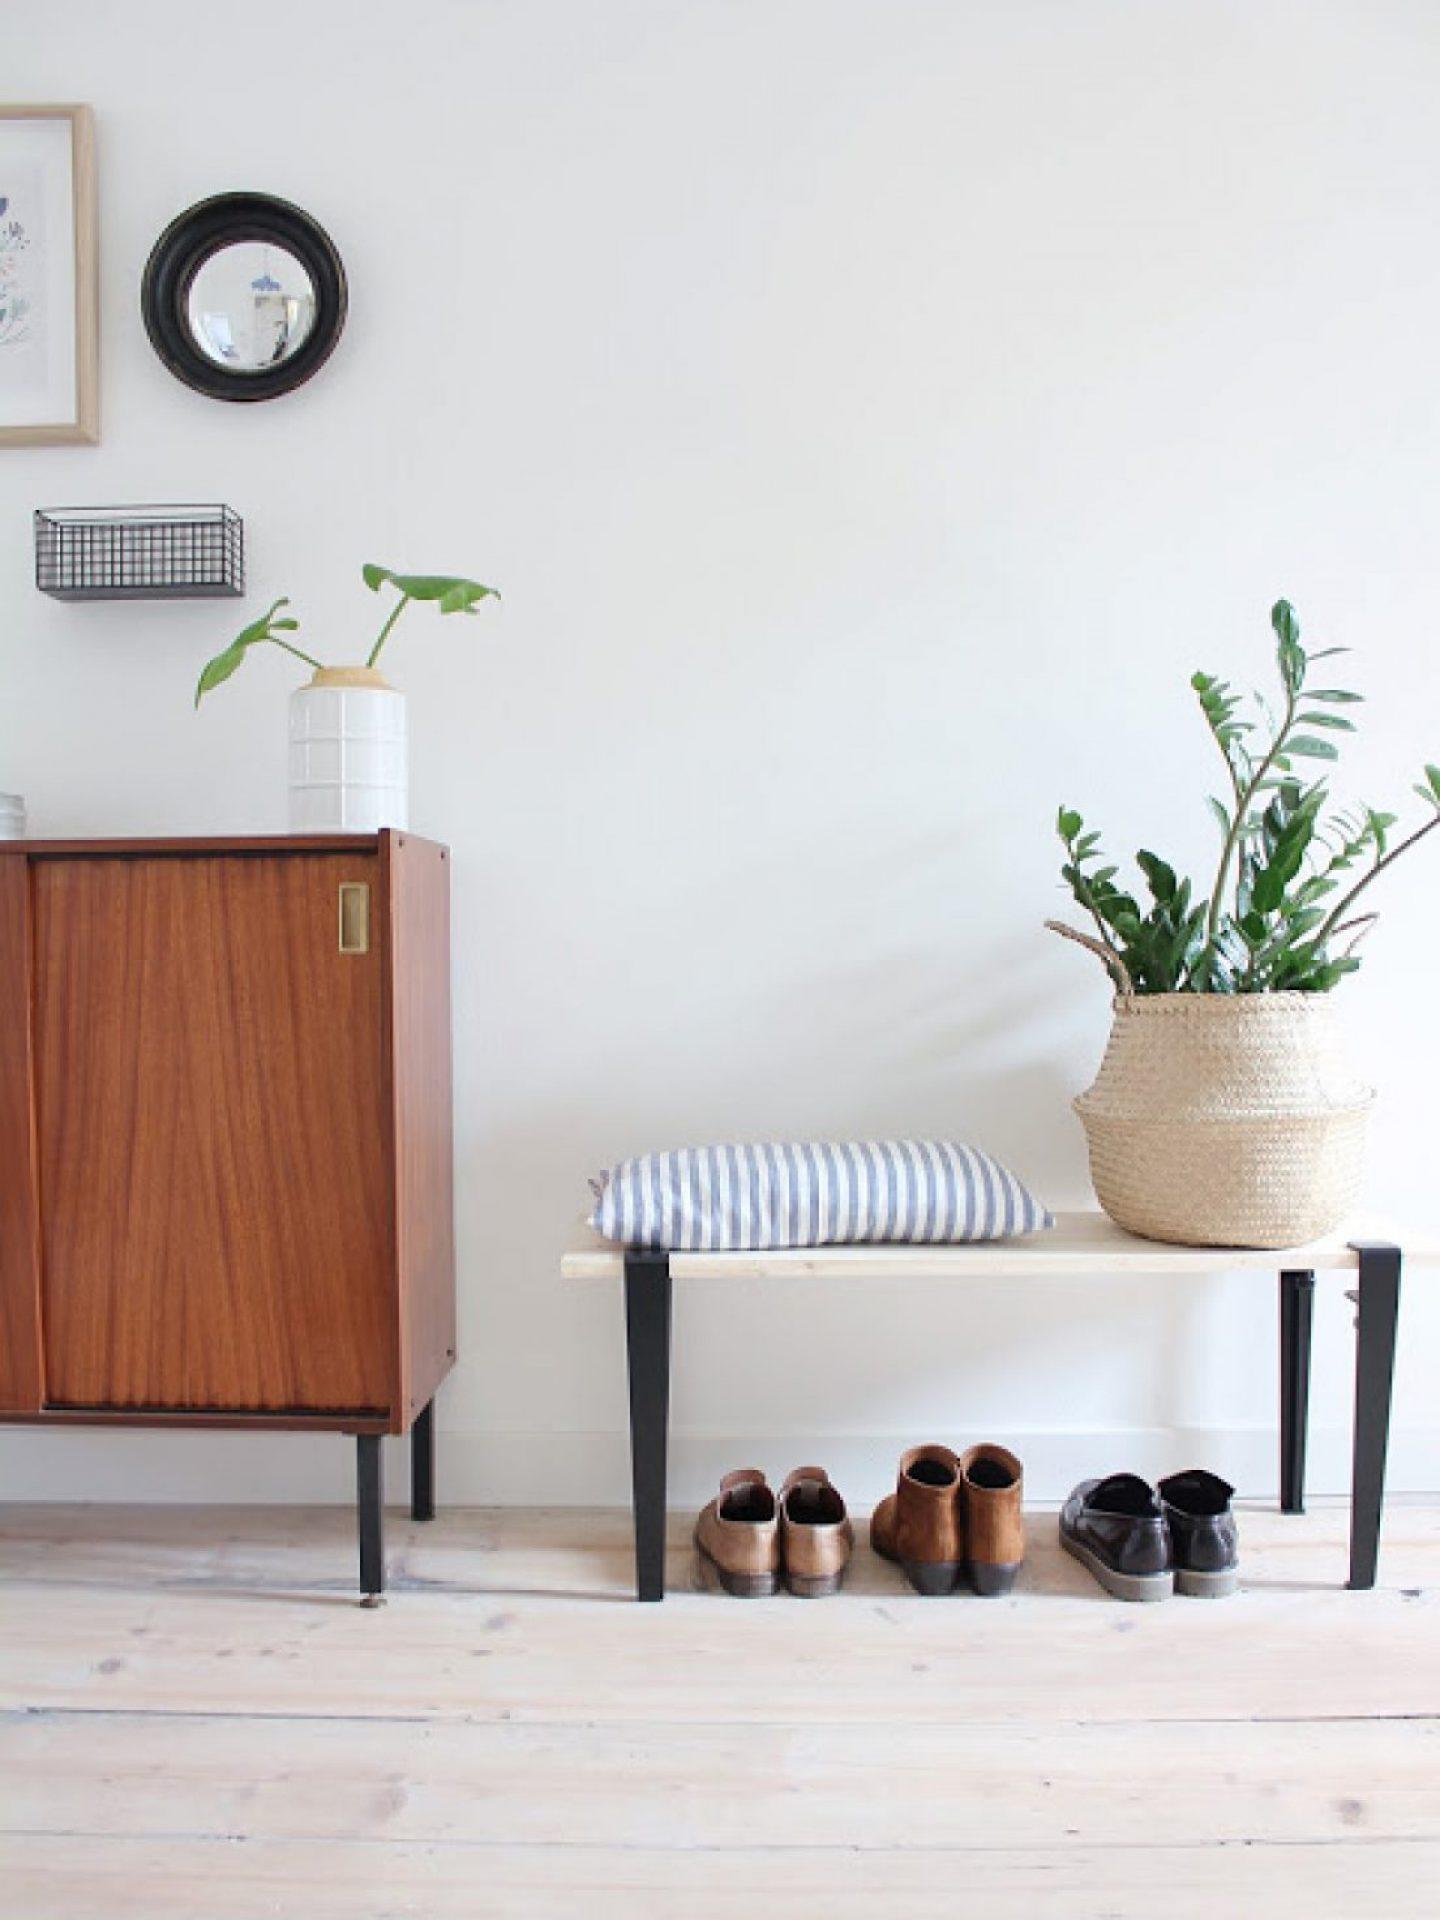 nachhaltige möbel - die schönsten unikate und designs